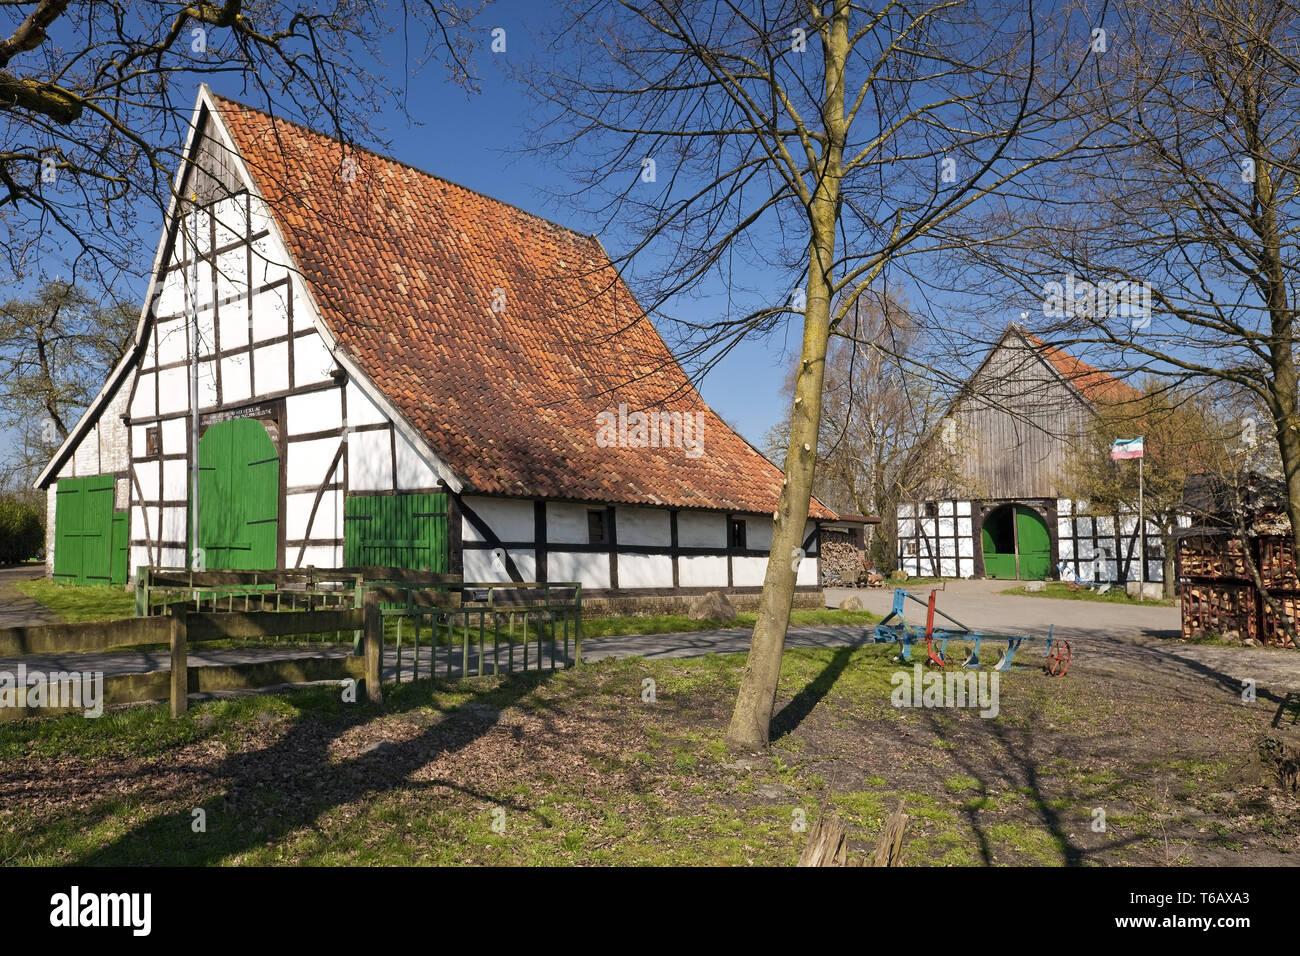 L'agriculture à pans de bois, maisons, Dollberg Ahlen, Münster, Rhénanie du Nord-Westphalie, Allemagne Photo Stock